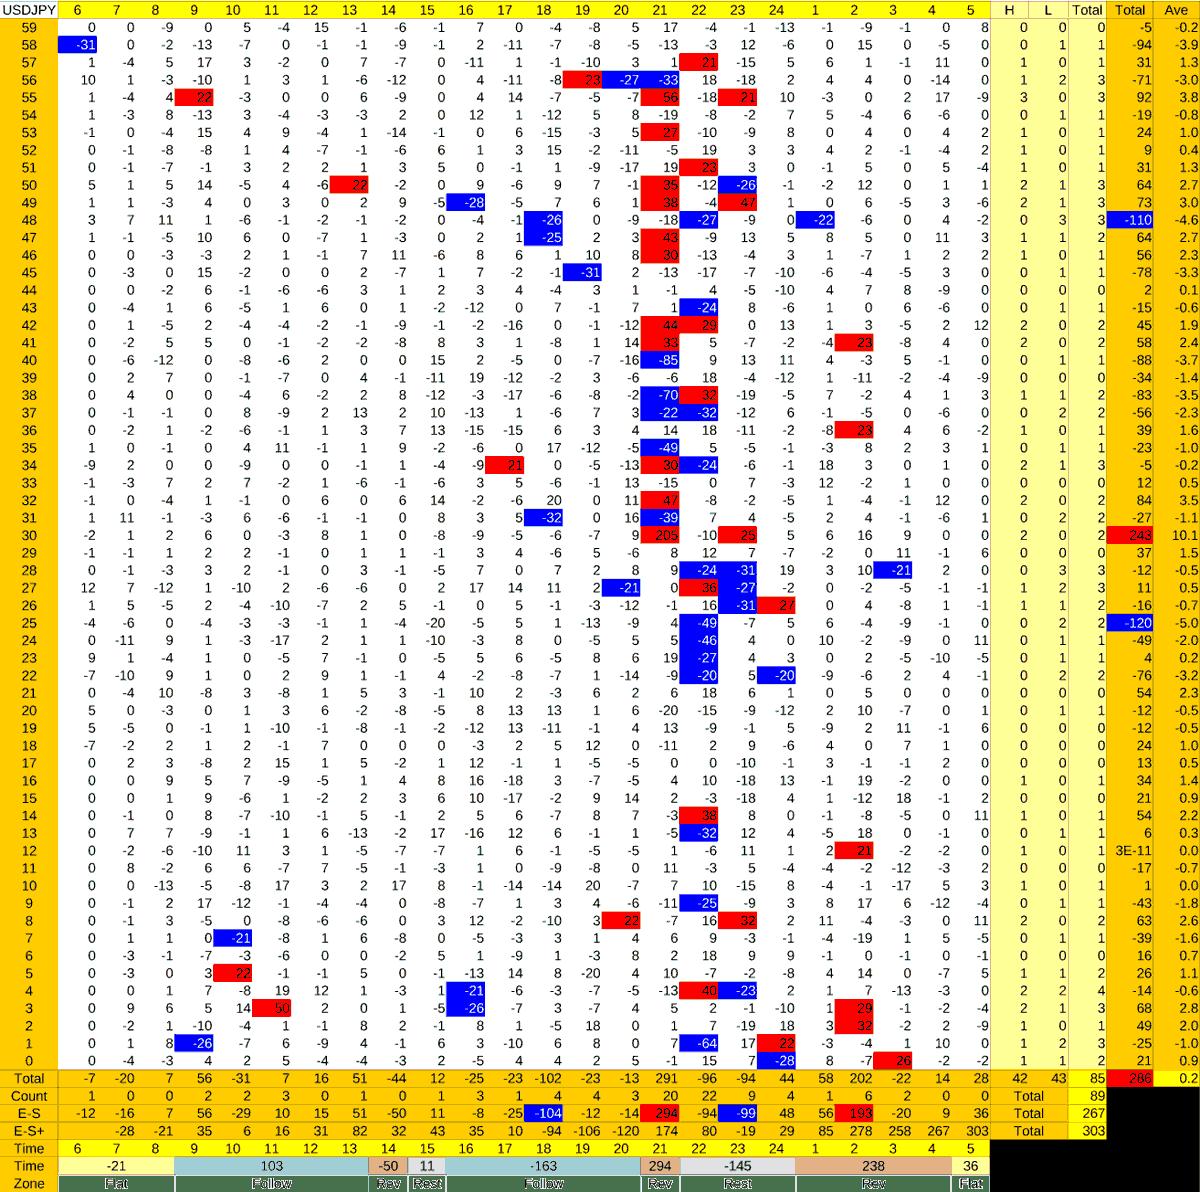 20210713_HS(1)USDJPY